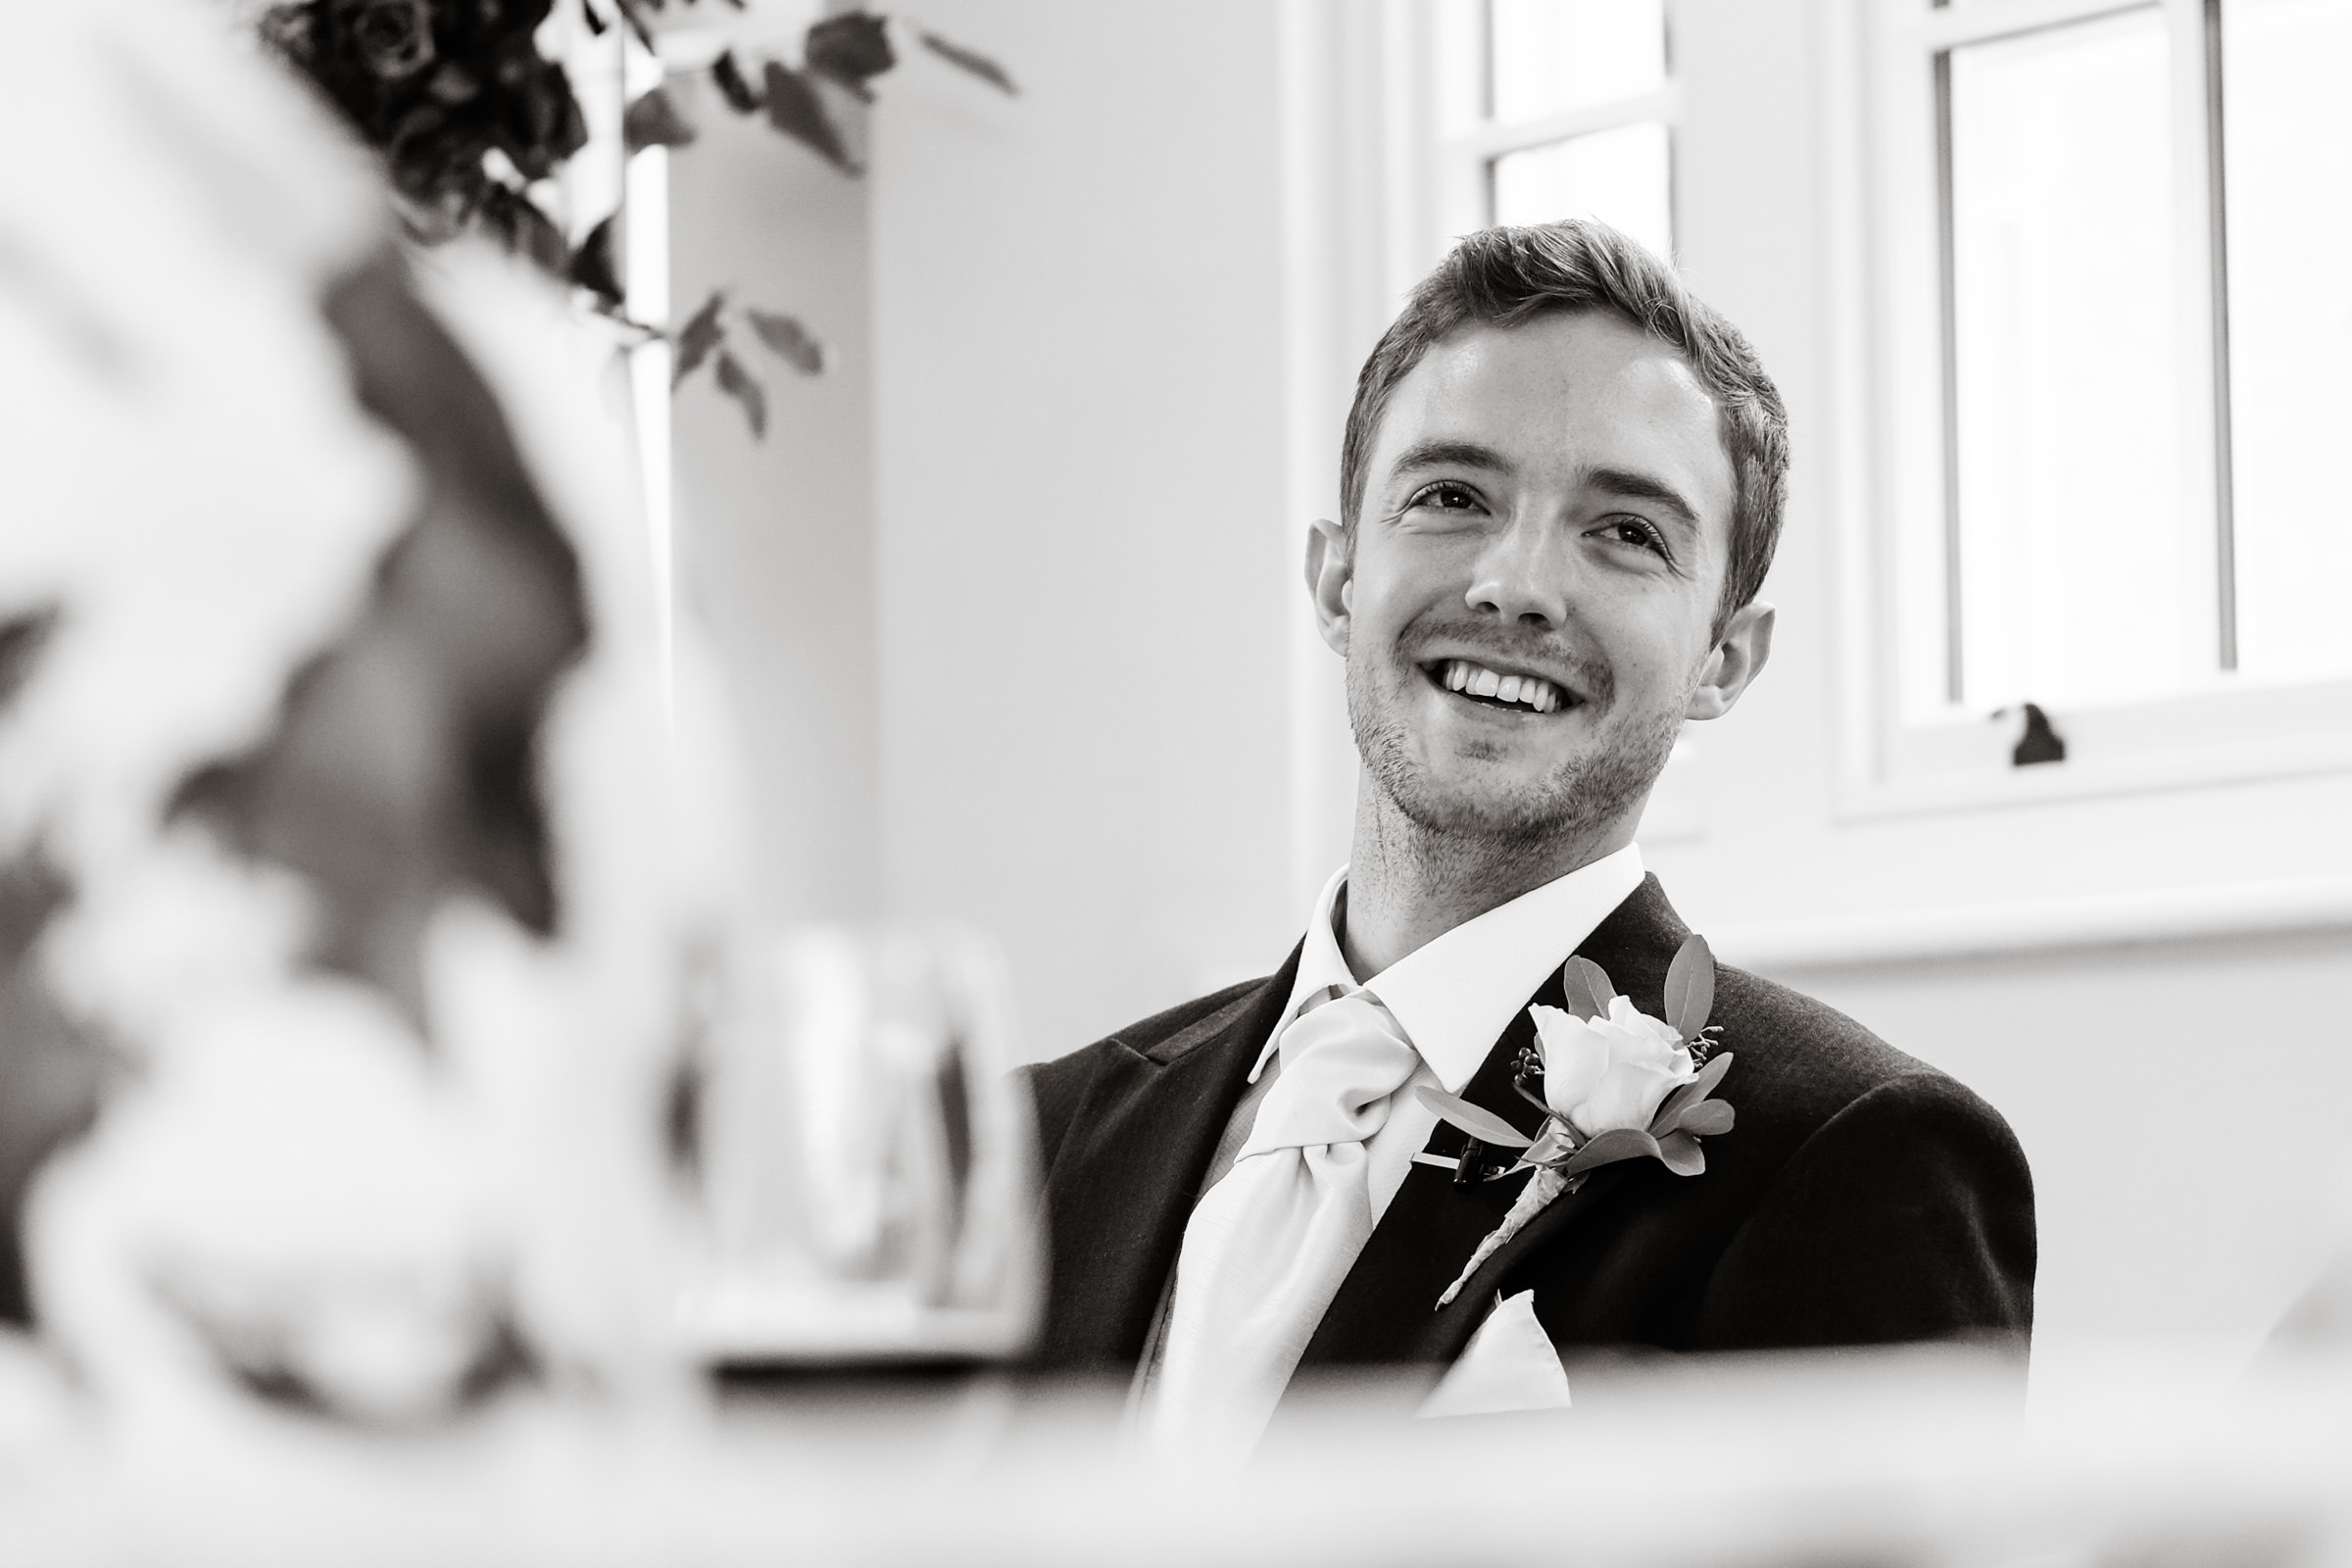 Rockbeare+Manor+Wedding+Photos+Devon+022.jpg